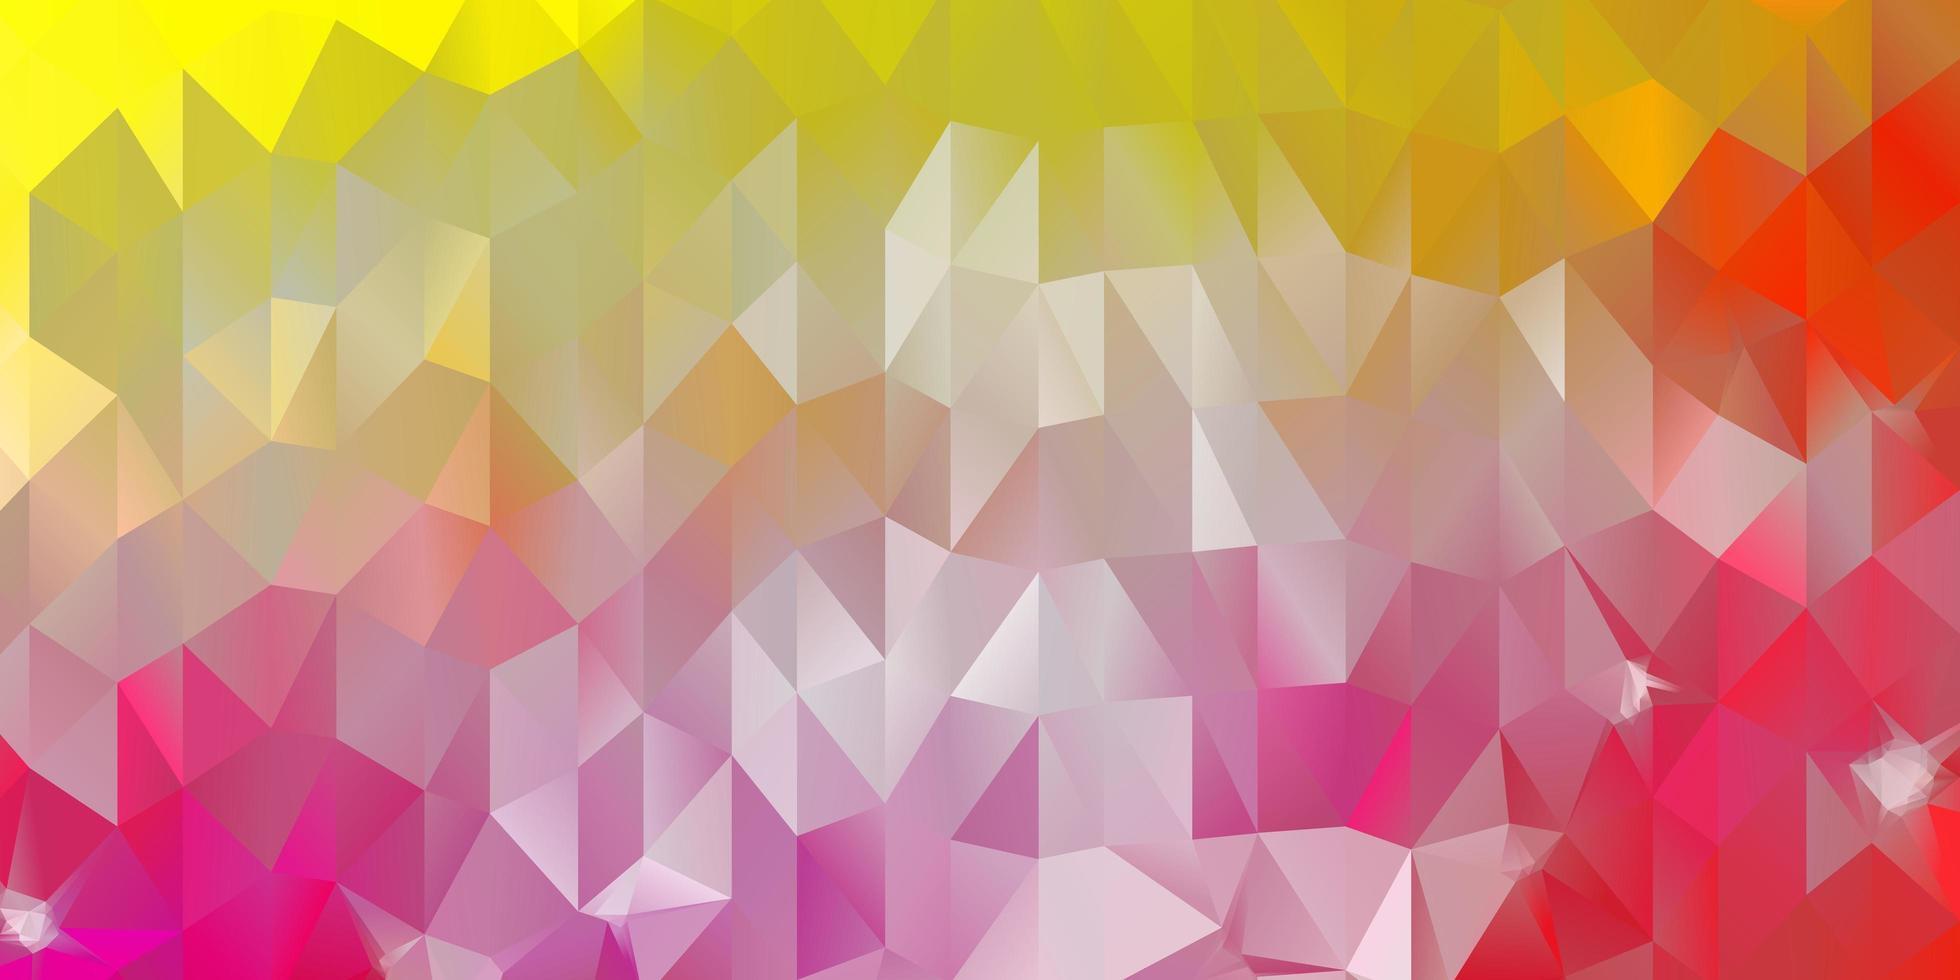 disposition polygonale géométrique de vecteur rose clair, jaune.